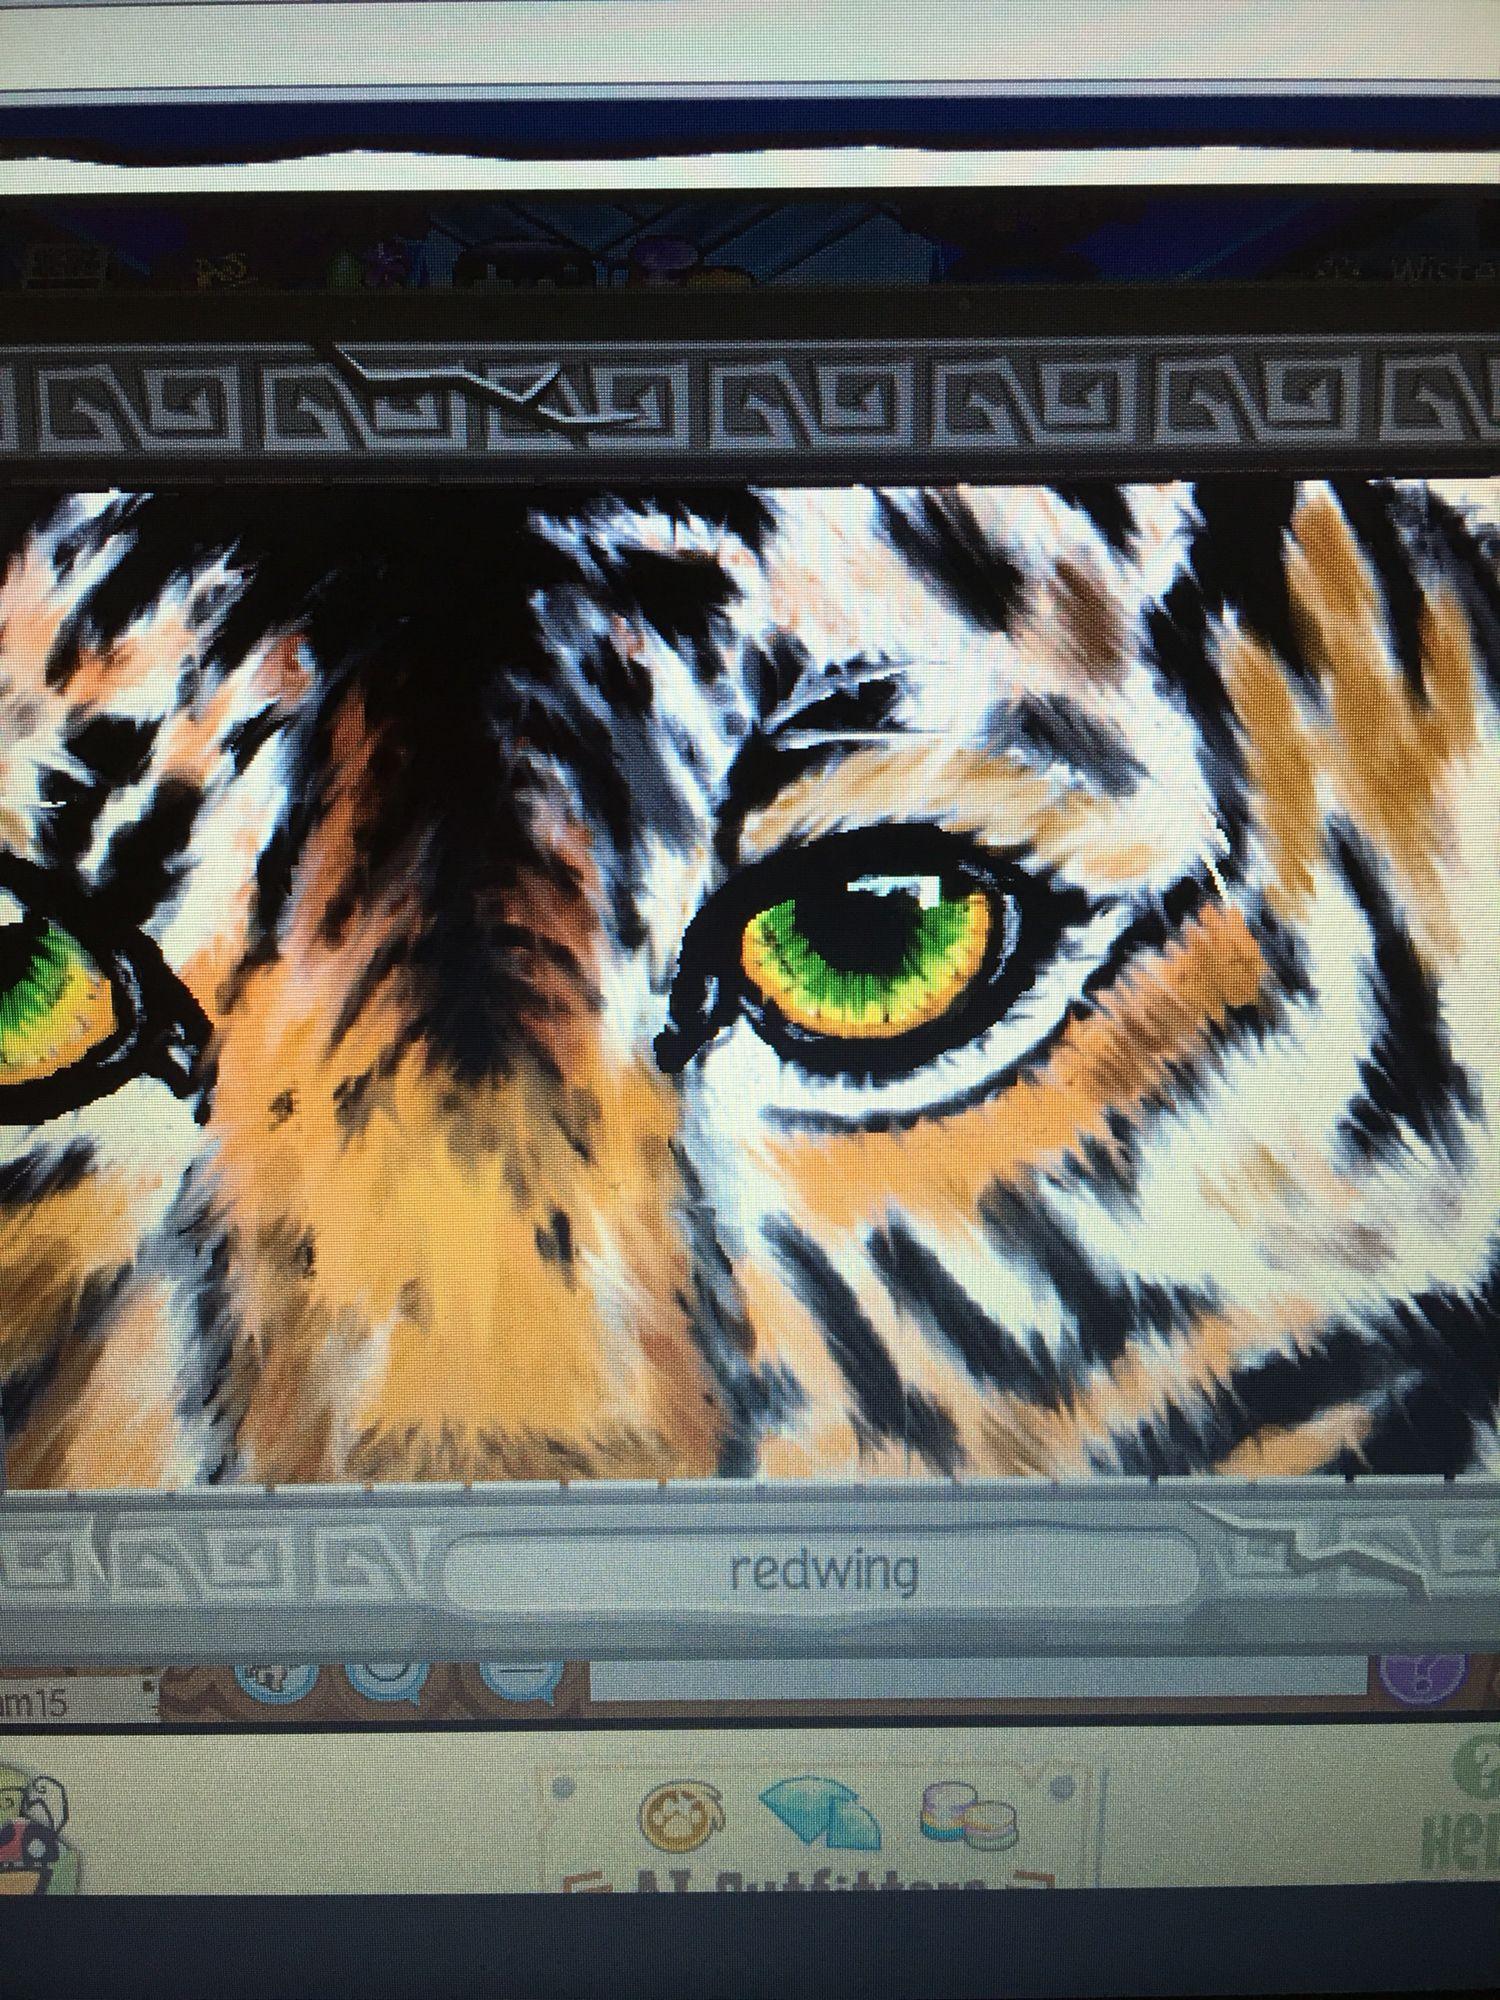 Animal Jam Masterpiece : animal, masterpiece, Shoutout, Redwing, Masterpiece!!, Animal, Animals,, Masterpiece